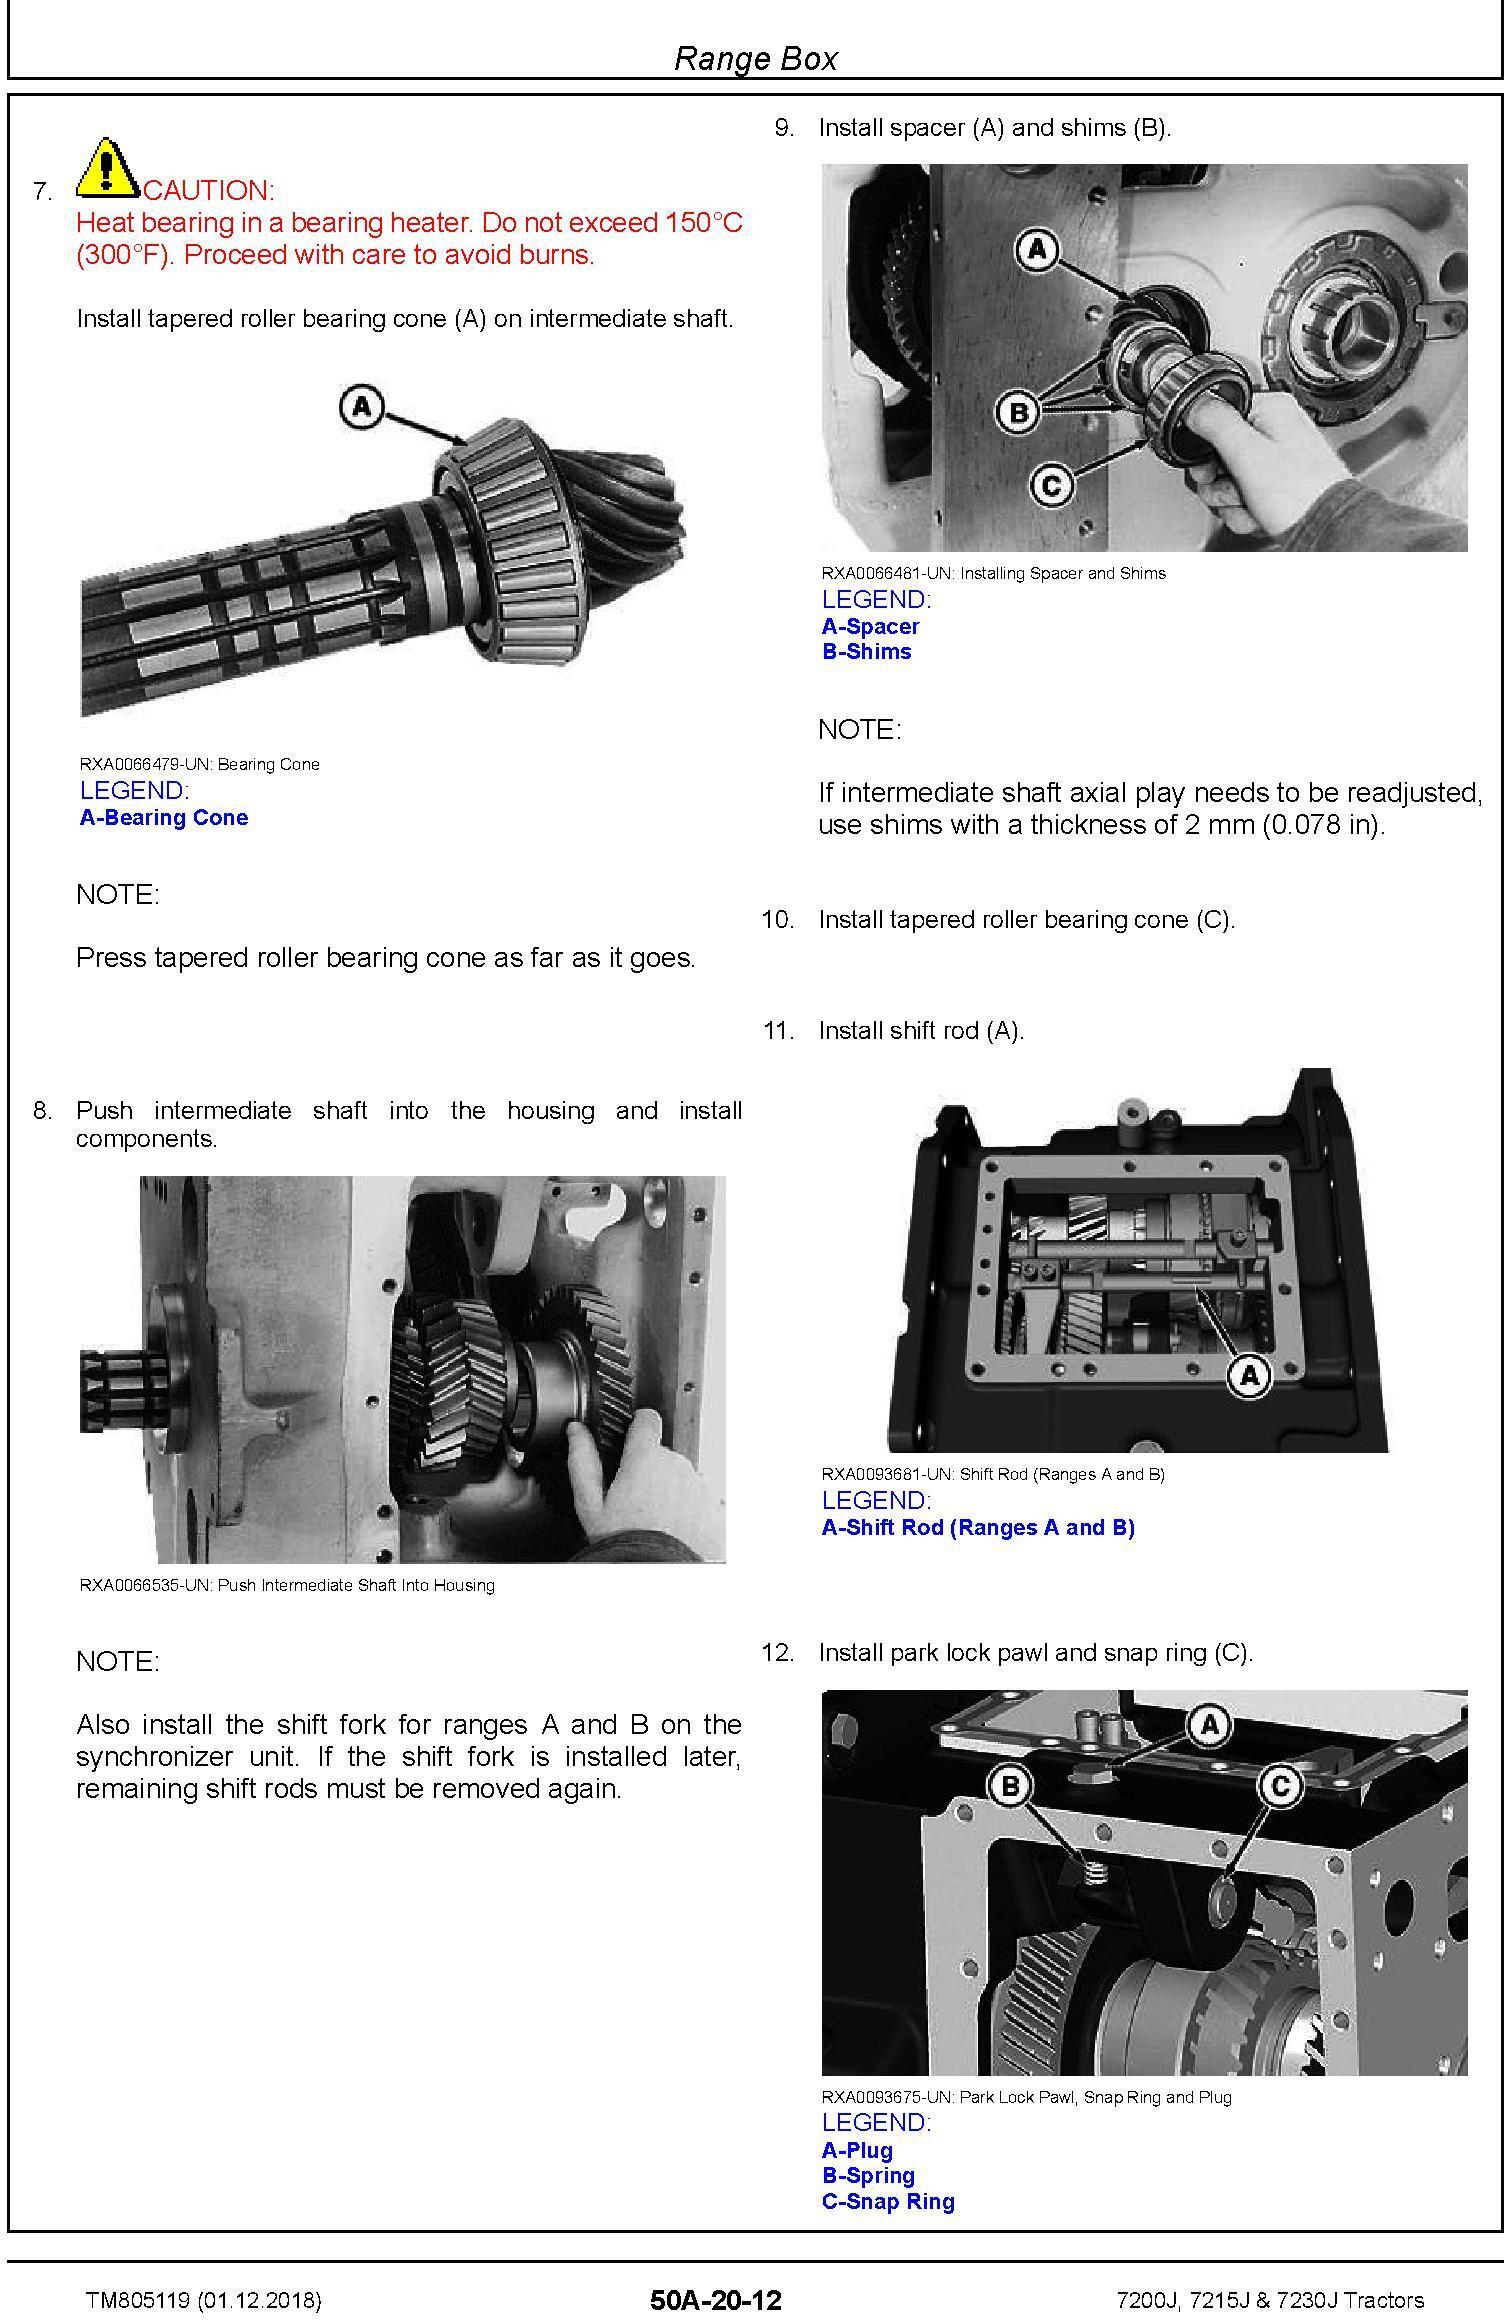 John Deere 7200J, 7215J and 7230J Tractors Service Repair Technical Manual (TM805119) - 3